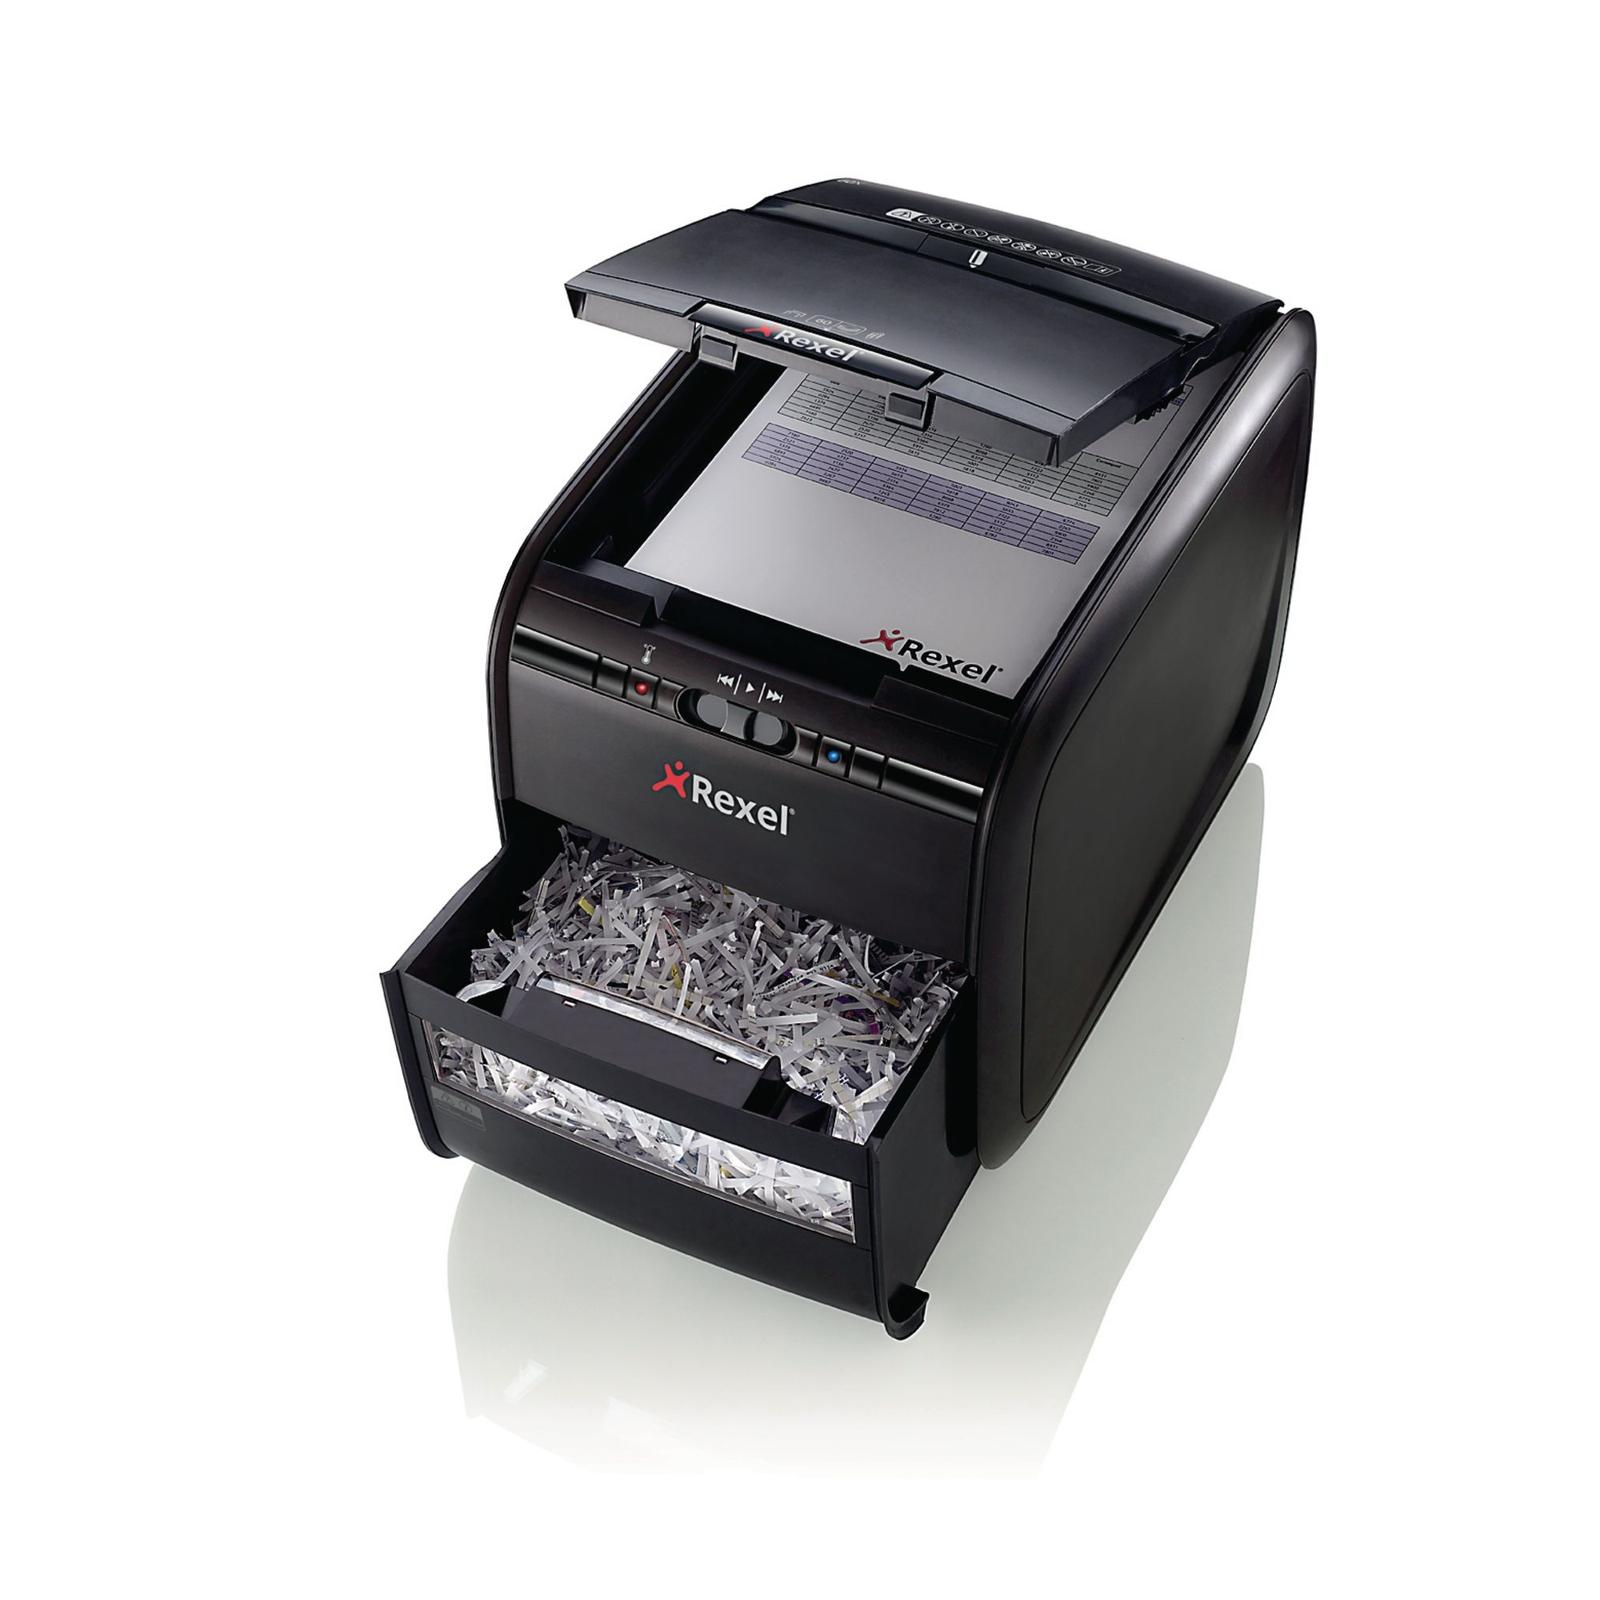 Rexel Auto+ 60X Shredder